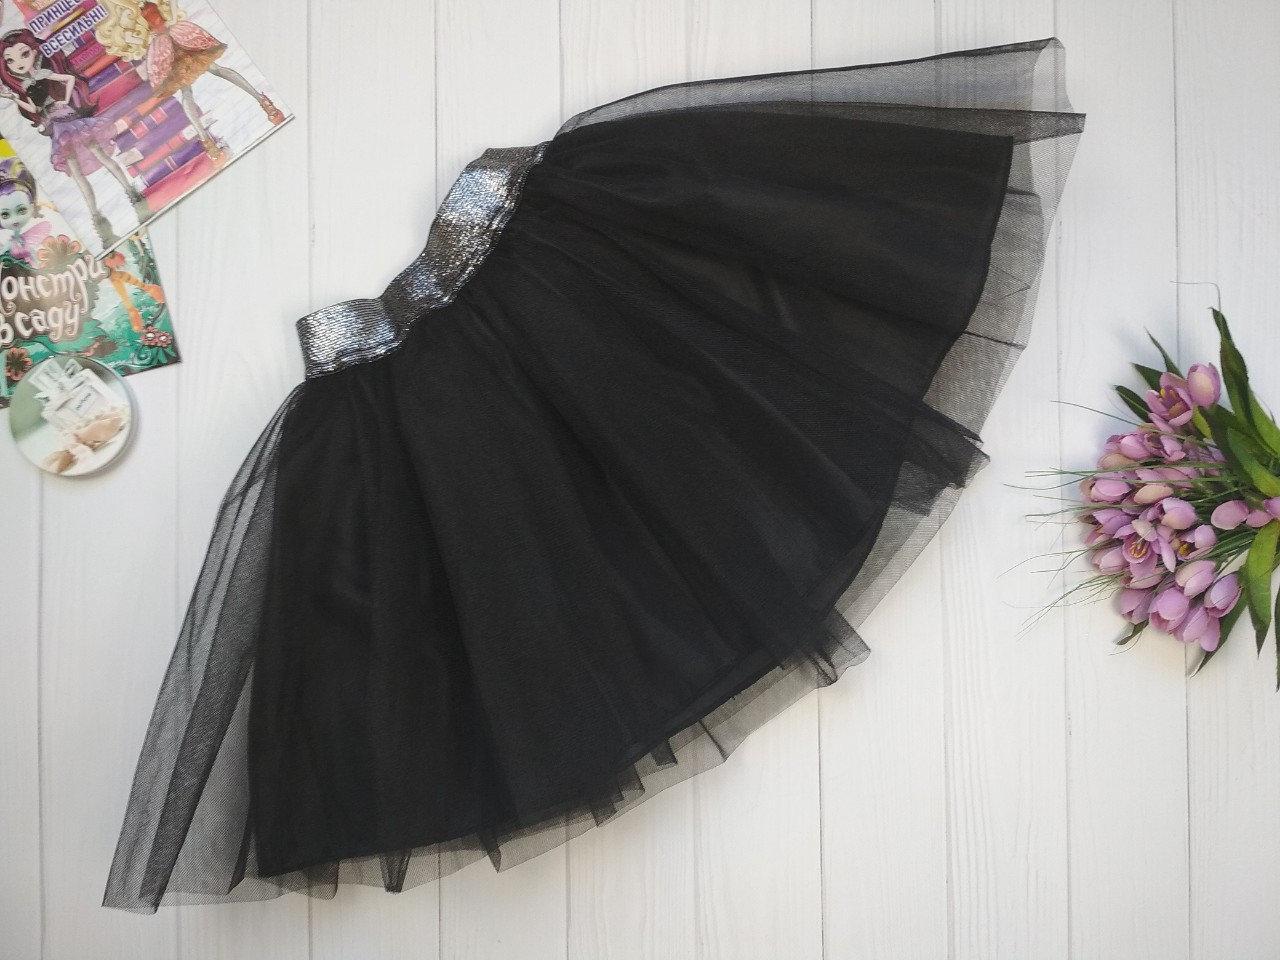 Фатиновая юбка на девочку 3-9 лет черный